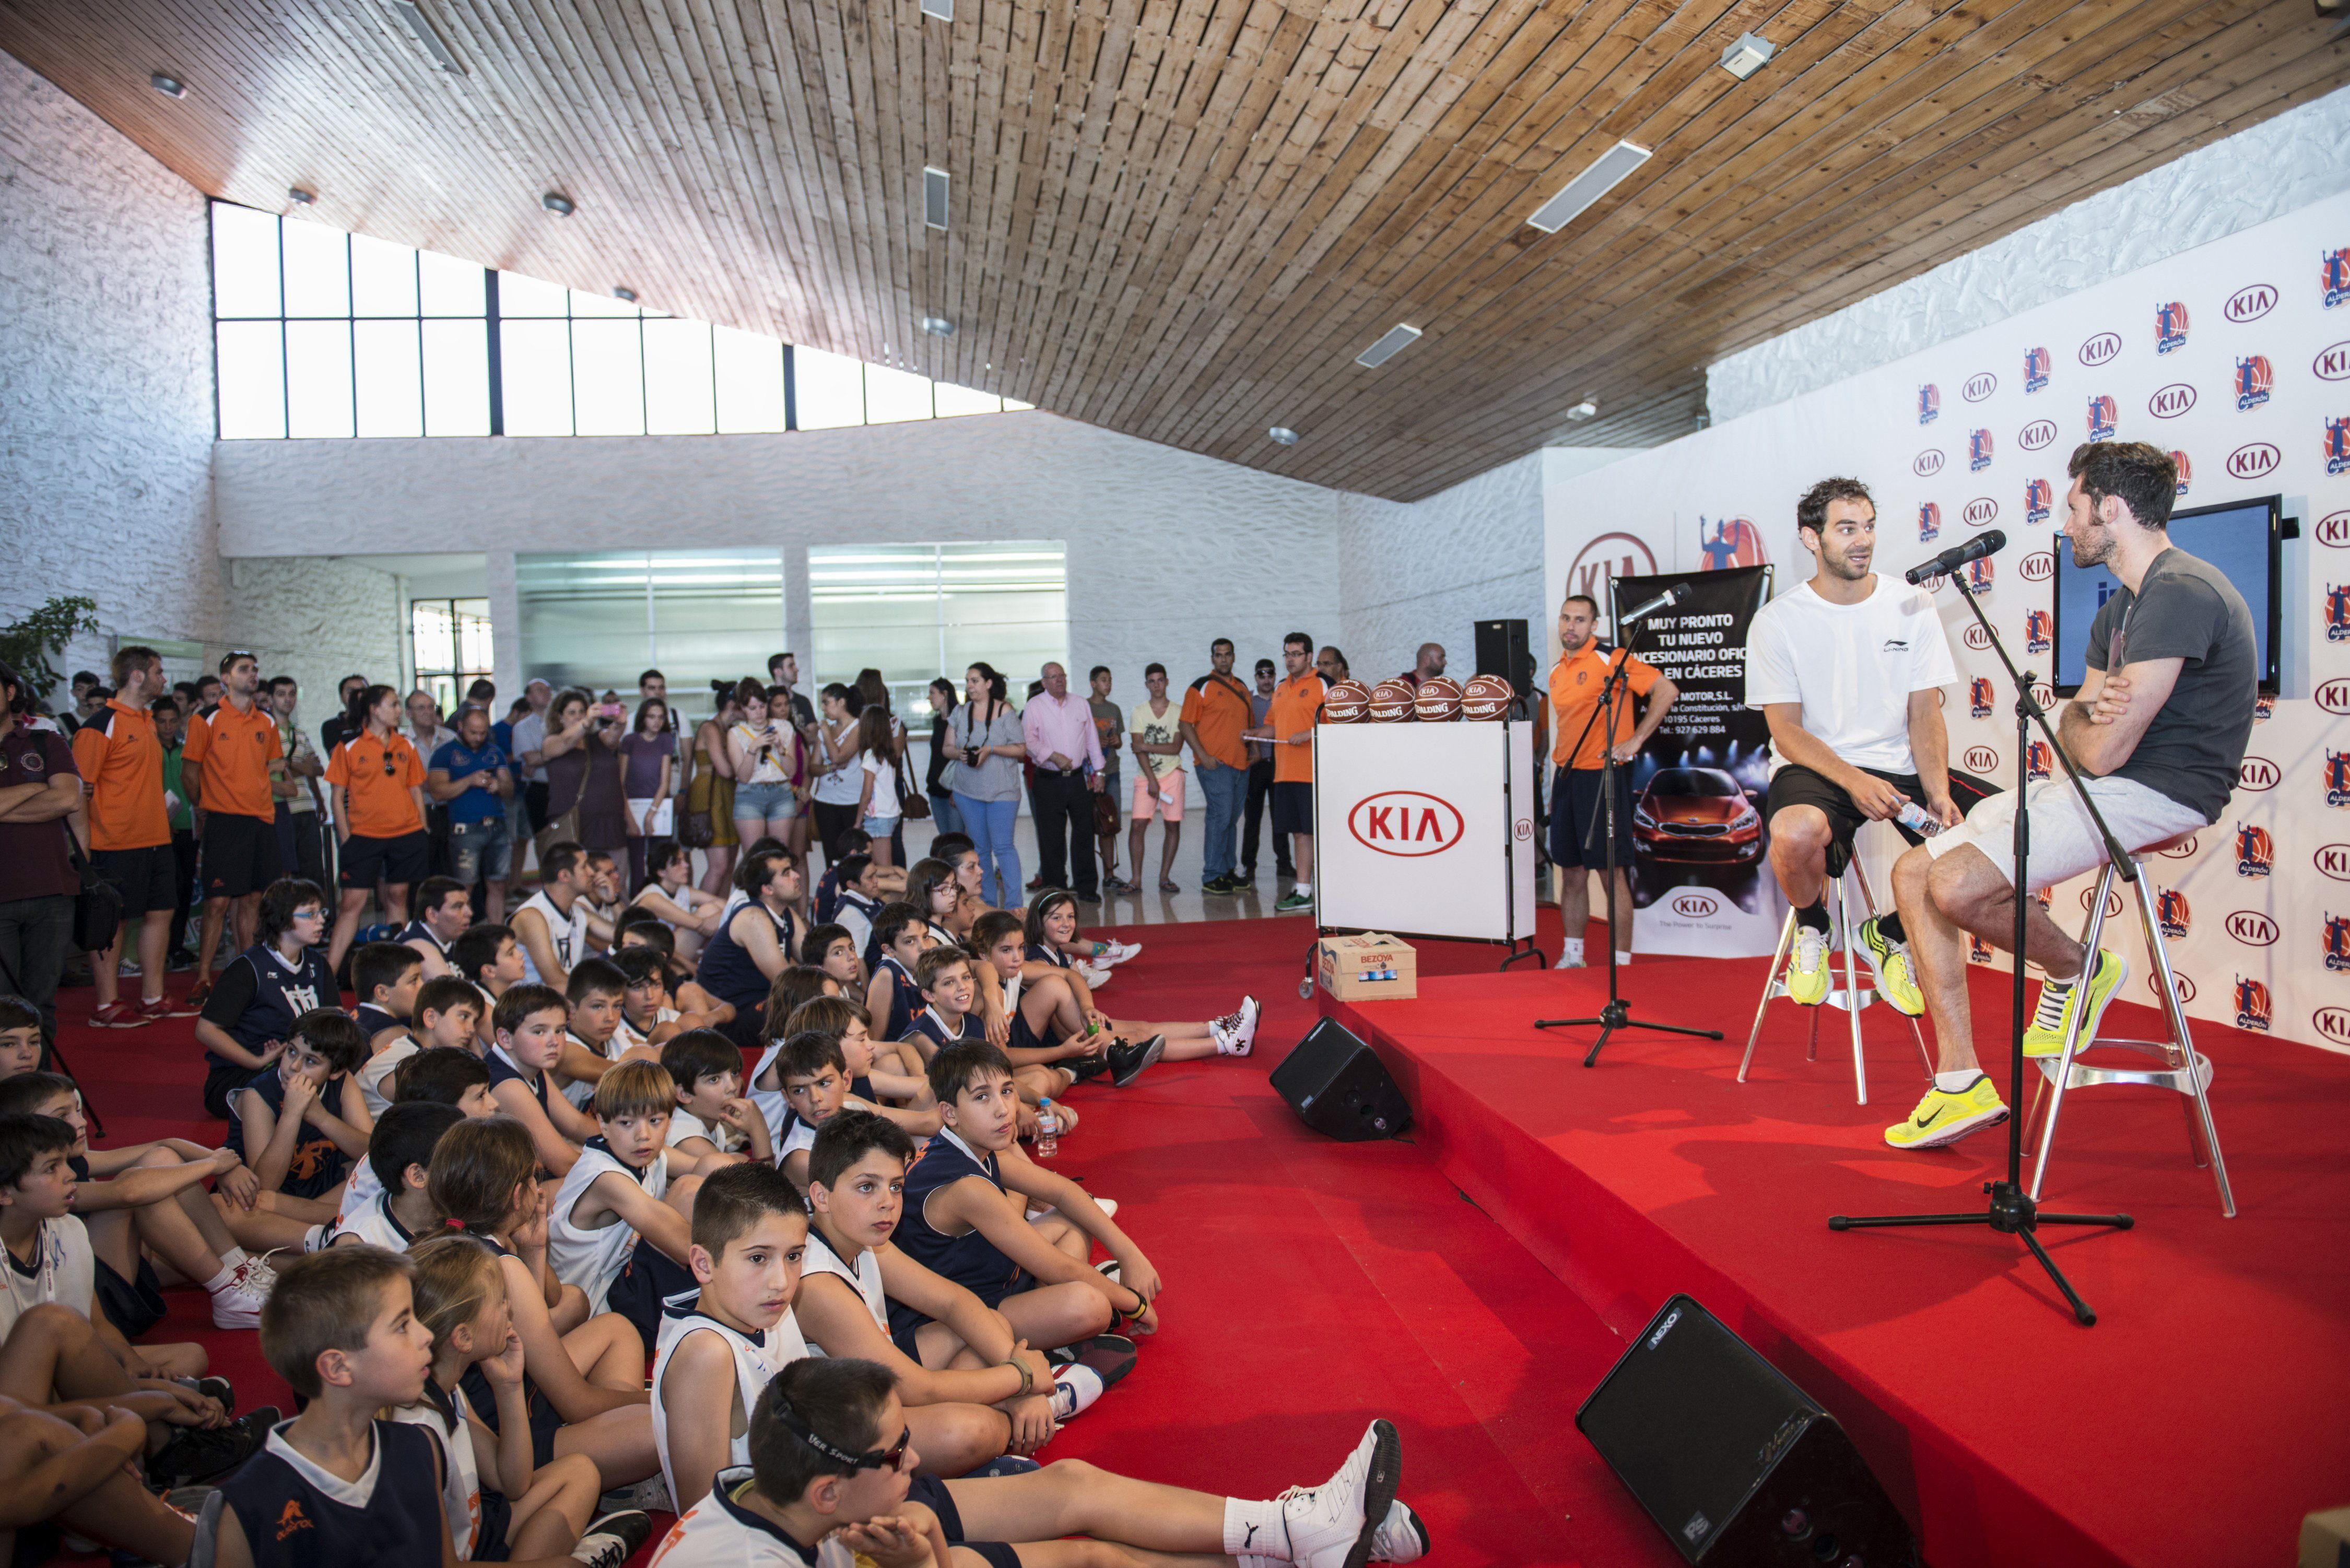 Calderón duda de la continuidad de su campus en Extremadura